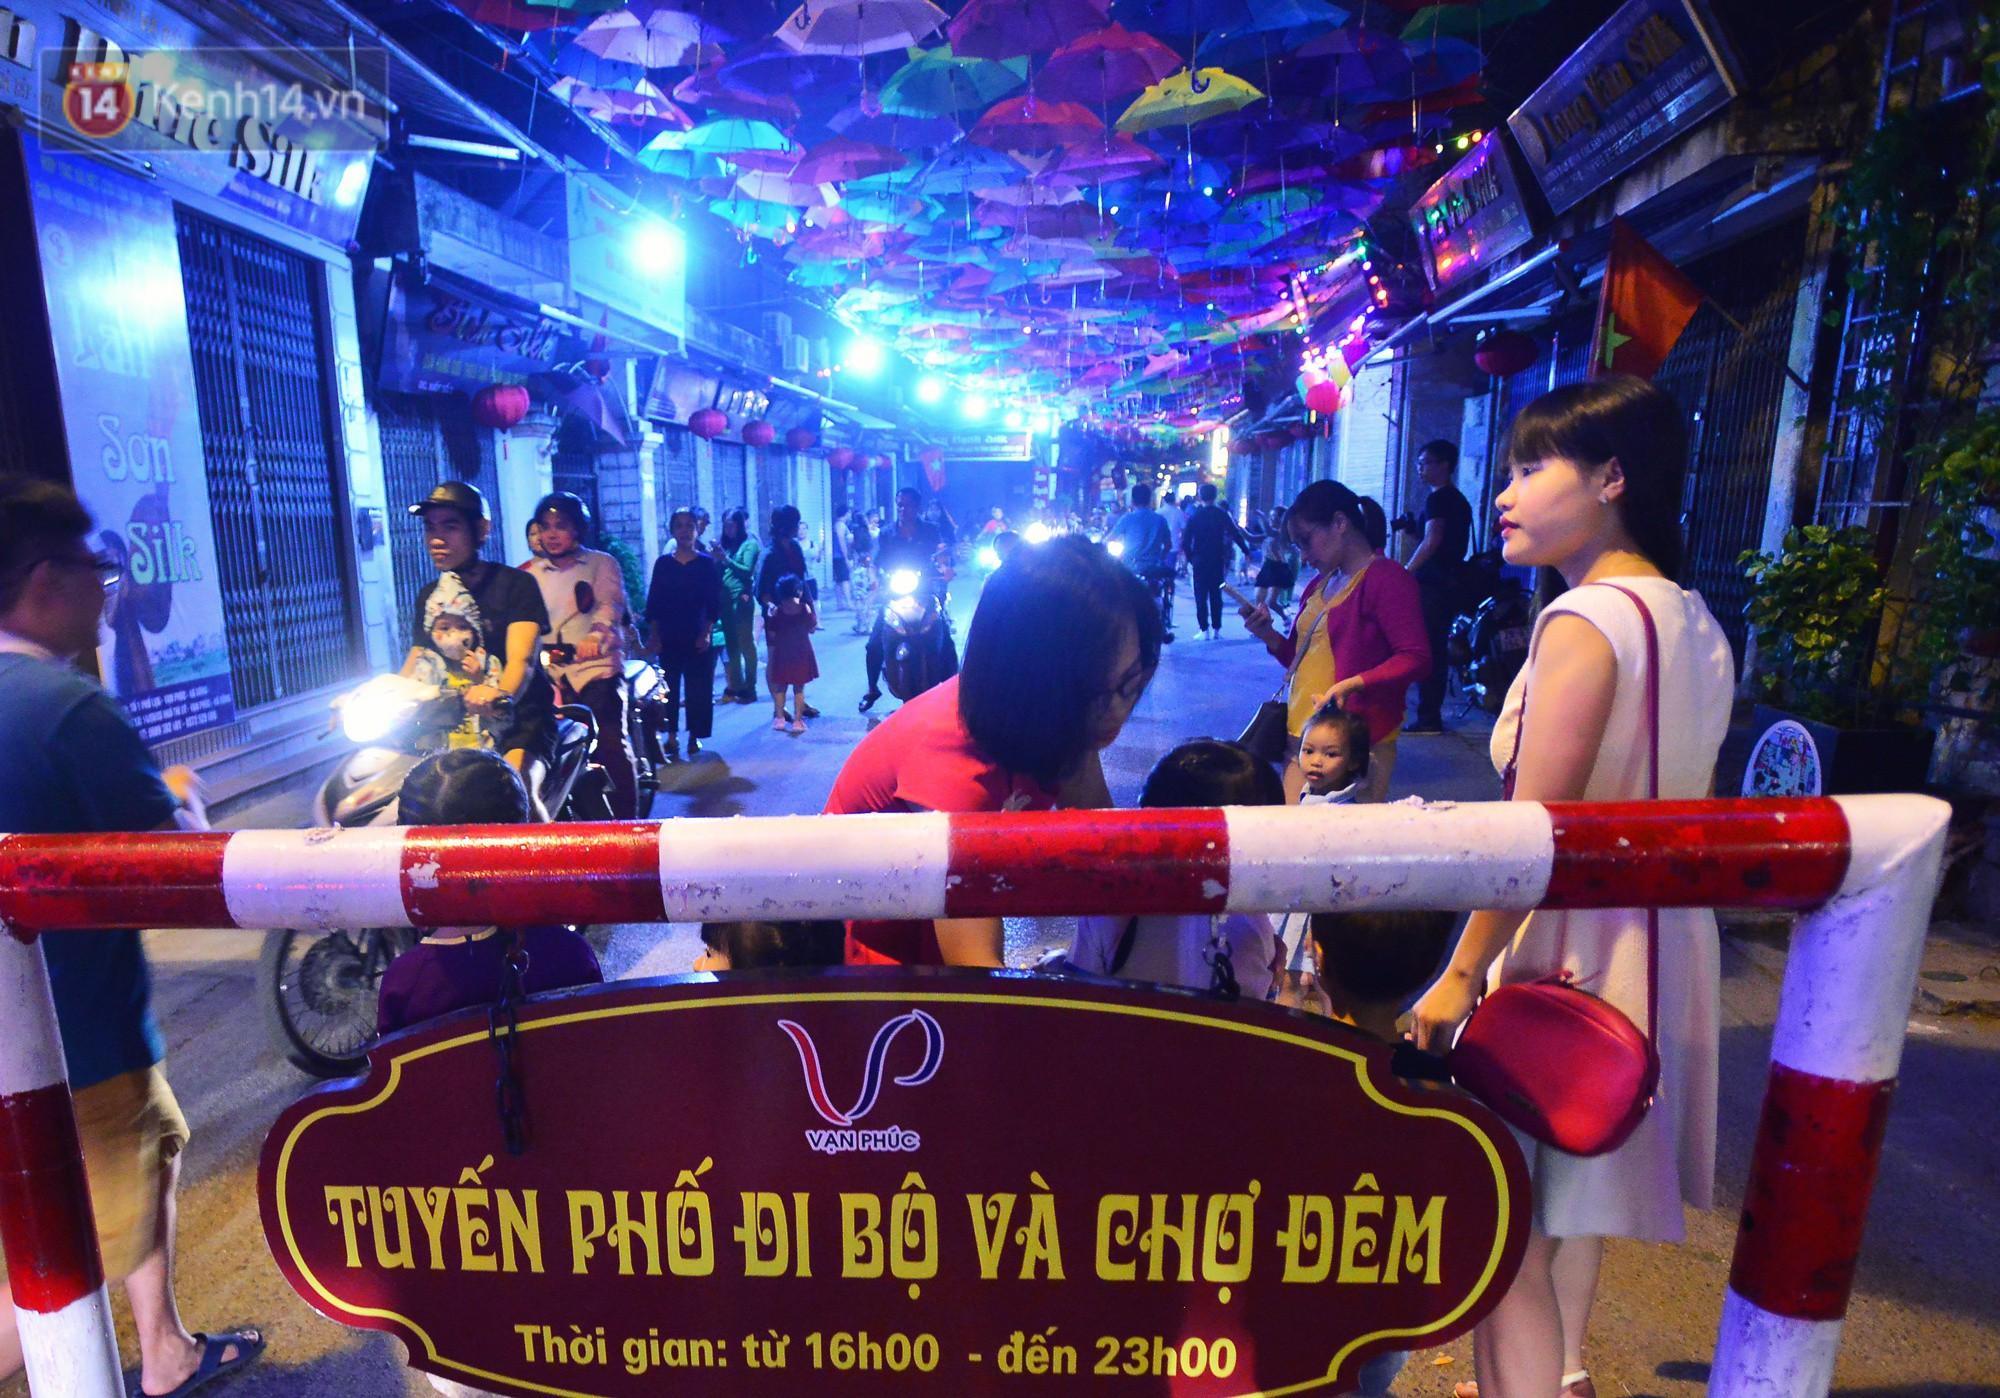 Hà Nội xuất hiện con đường ô lãng mạn như ở Bồ Đào Nha, người dân ùn ùn kéo đến chụp ảnh - Ảnh 10.